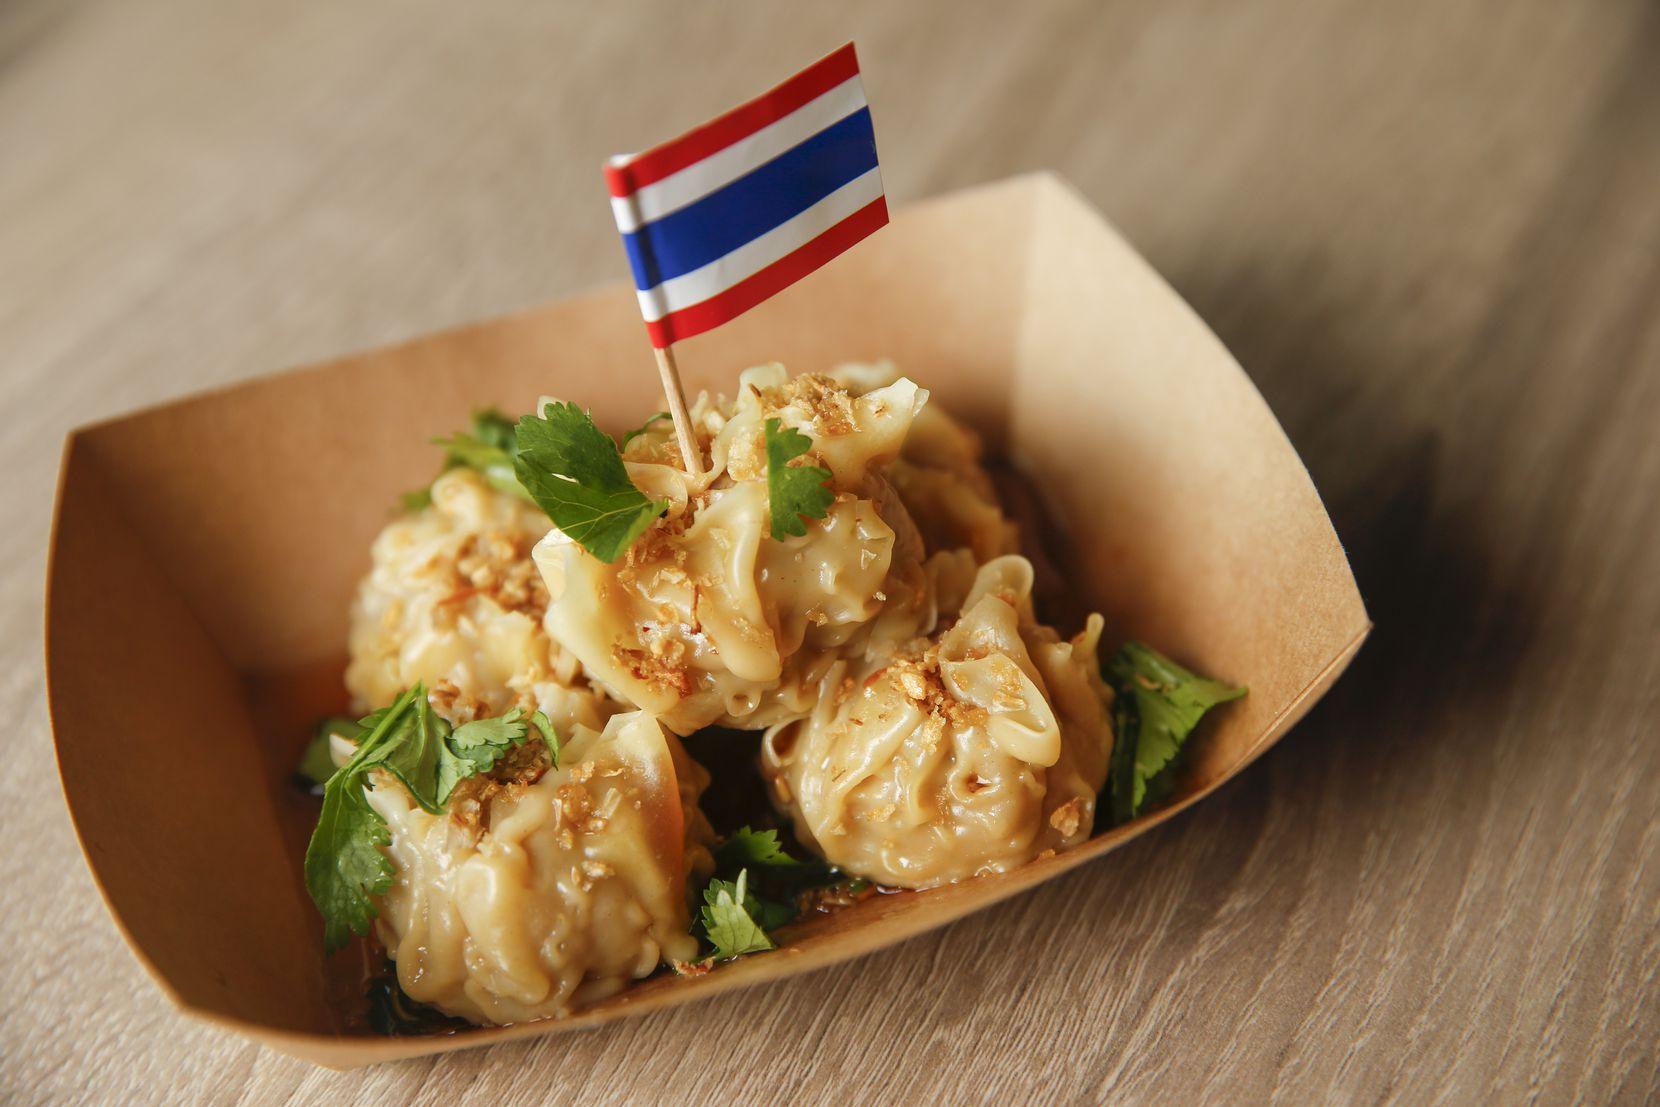 Kanom jeeb, steamed dumplings